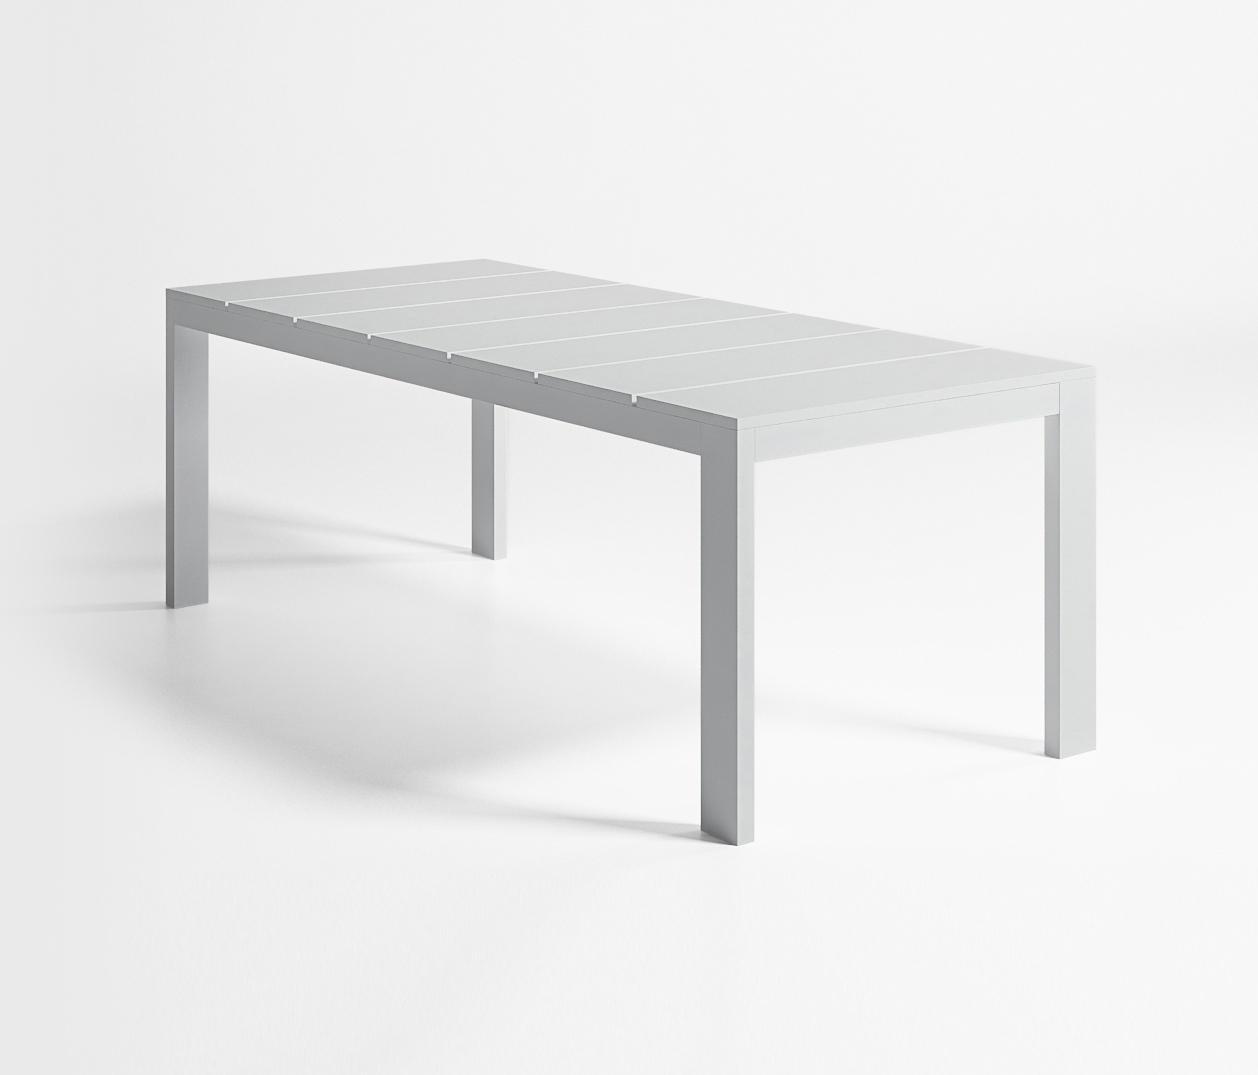 na xemena hoher pada tisch garten esstische von. Black Bedroom Furniture Sets. Home Design Ideas